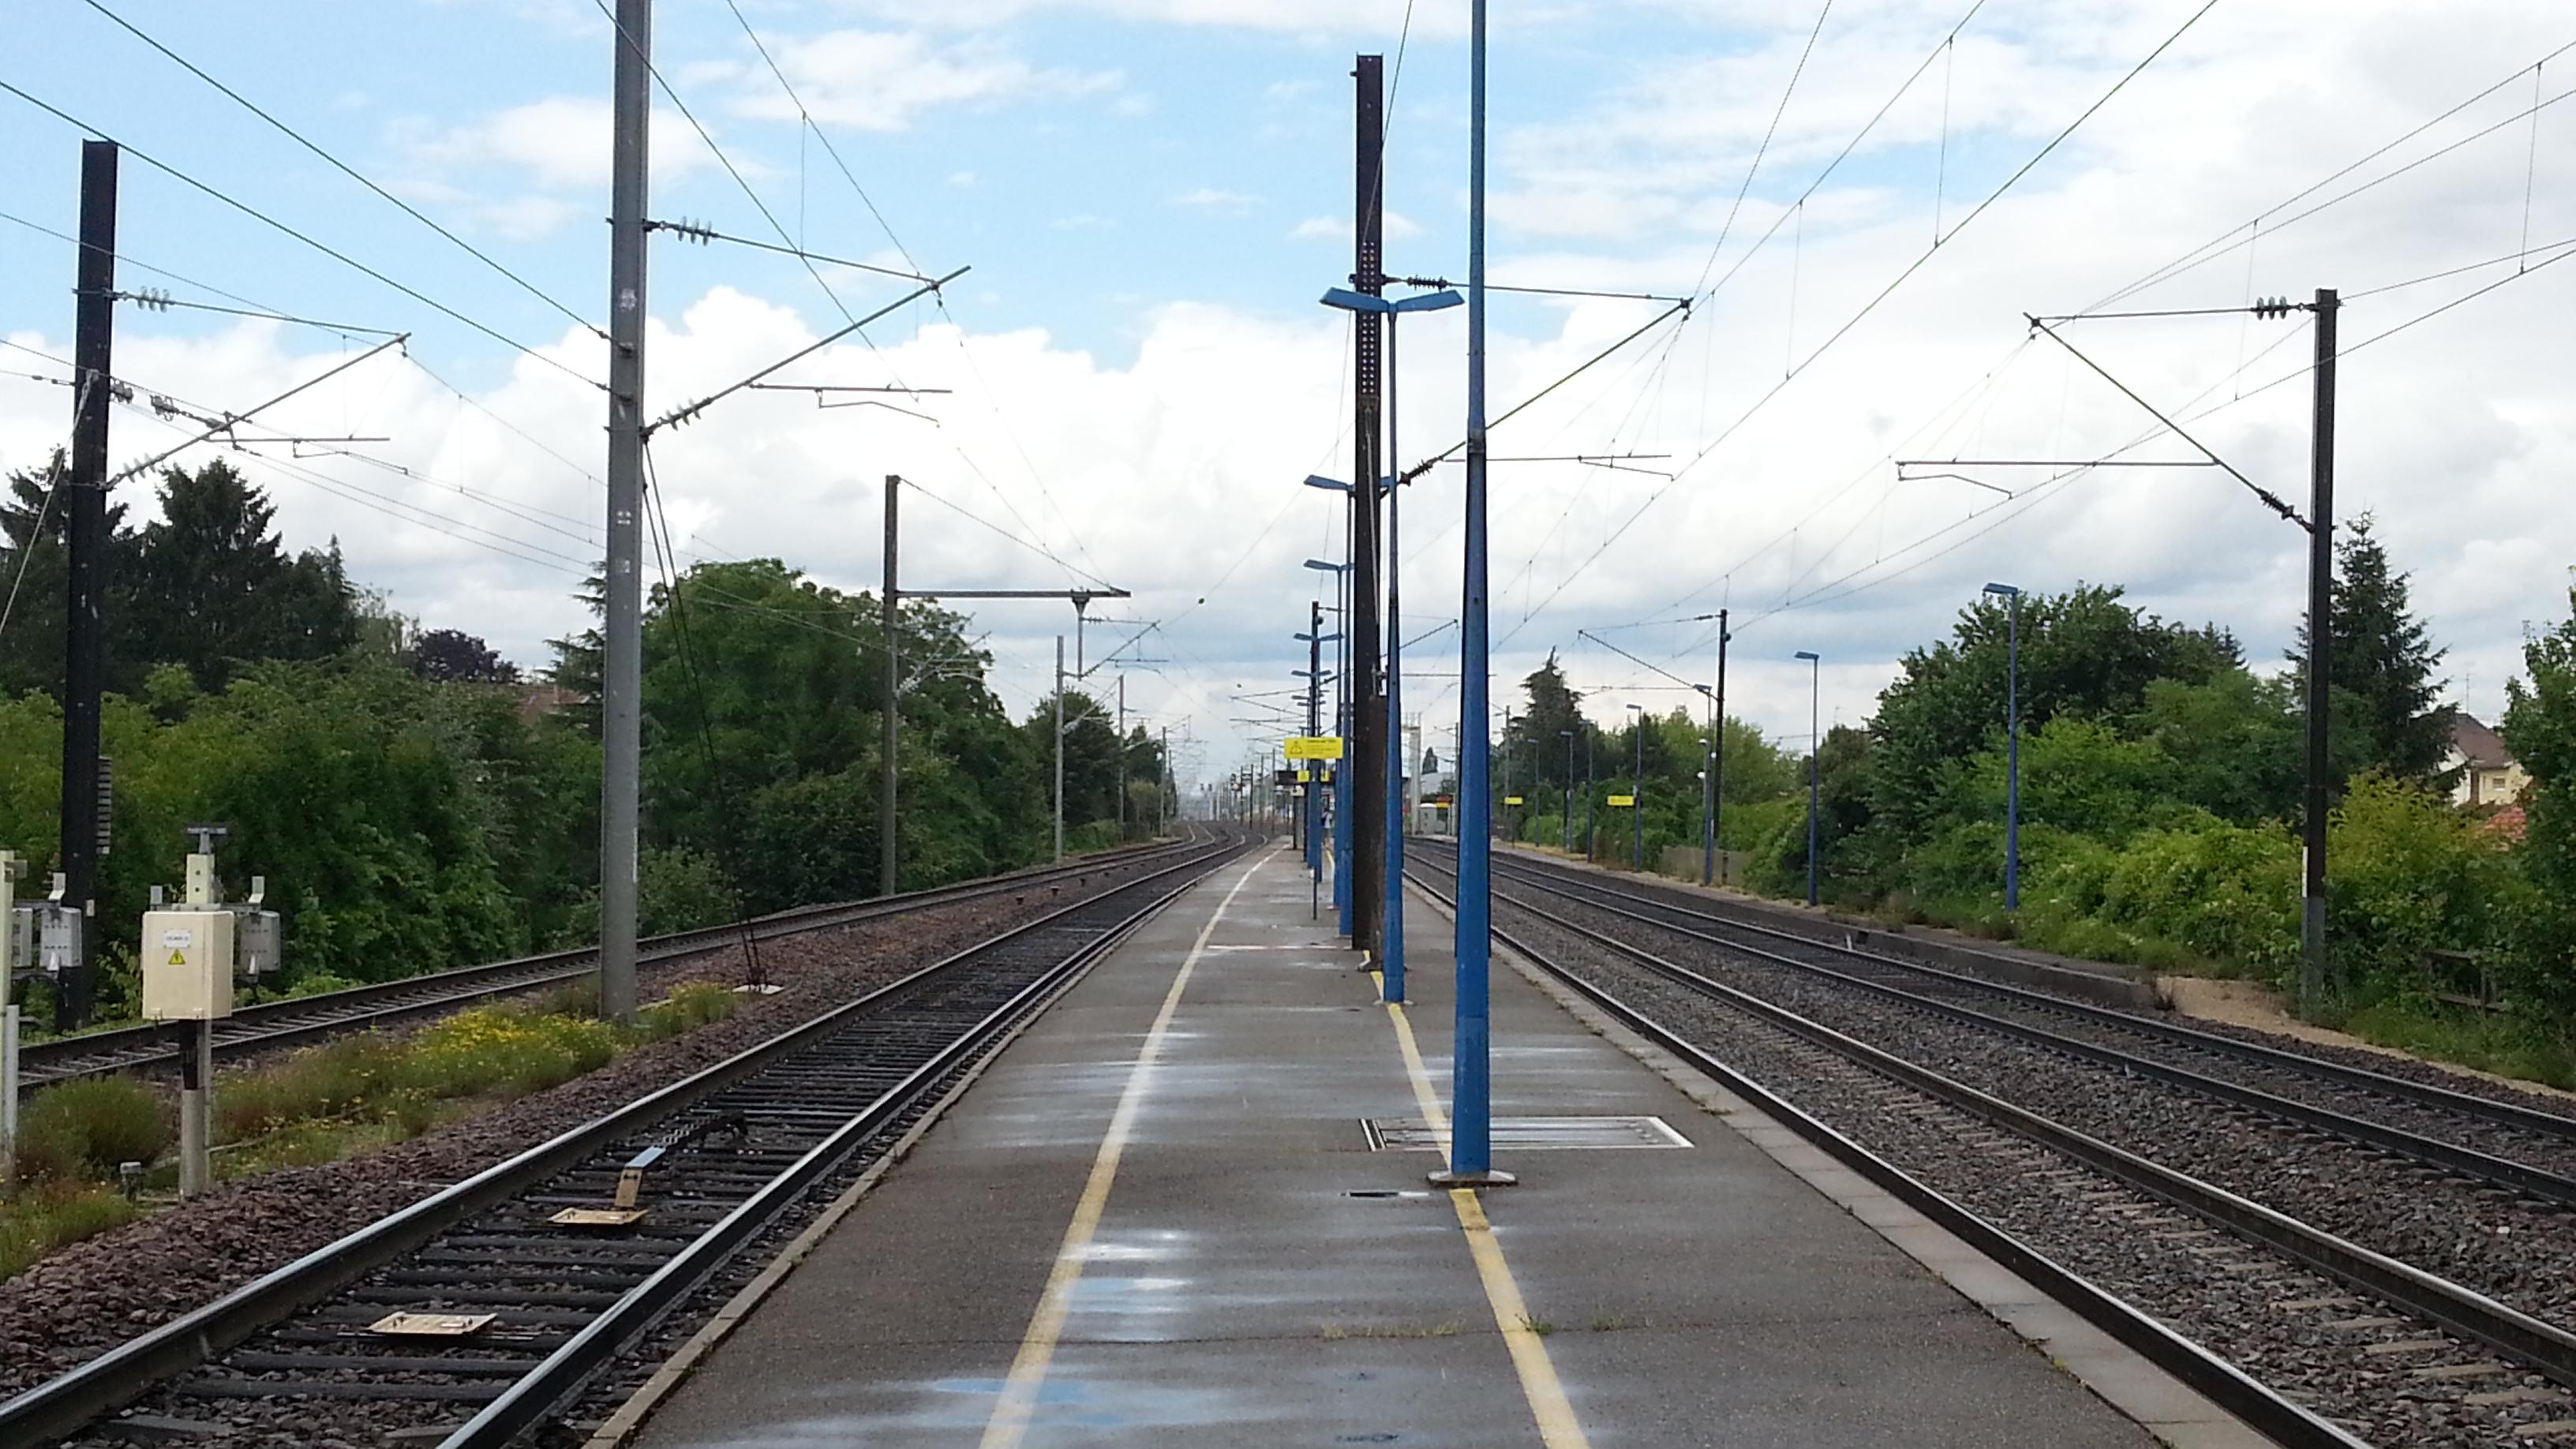 Station Mundolsheim